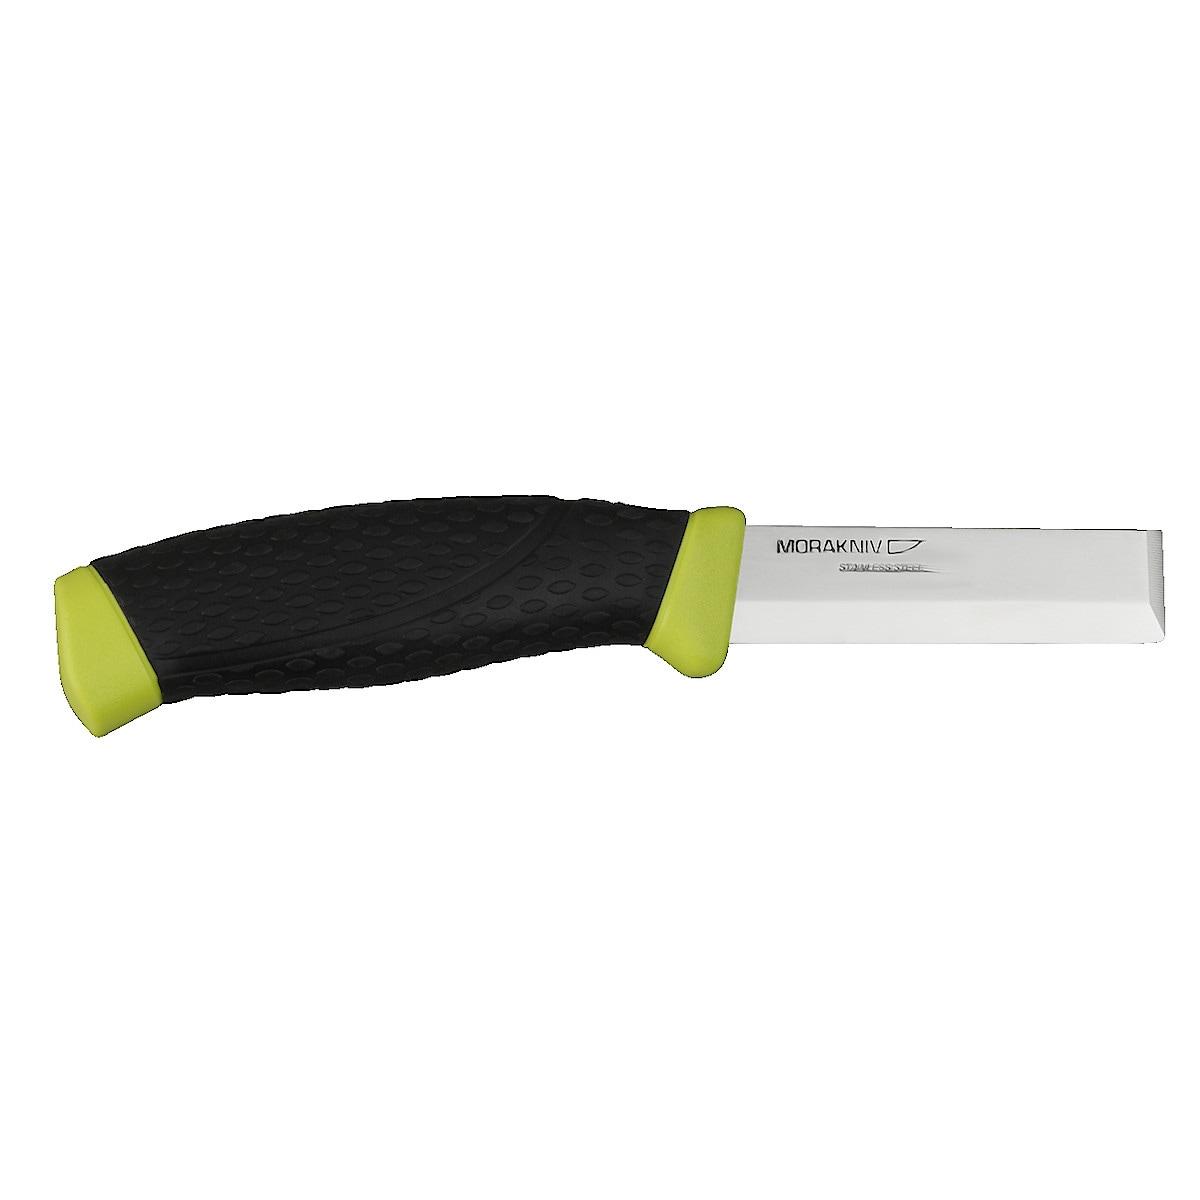 Morakniv Craftline Top Q Chisel Knife